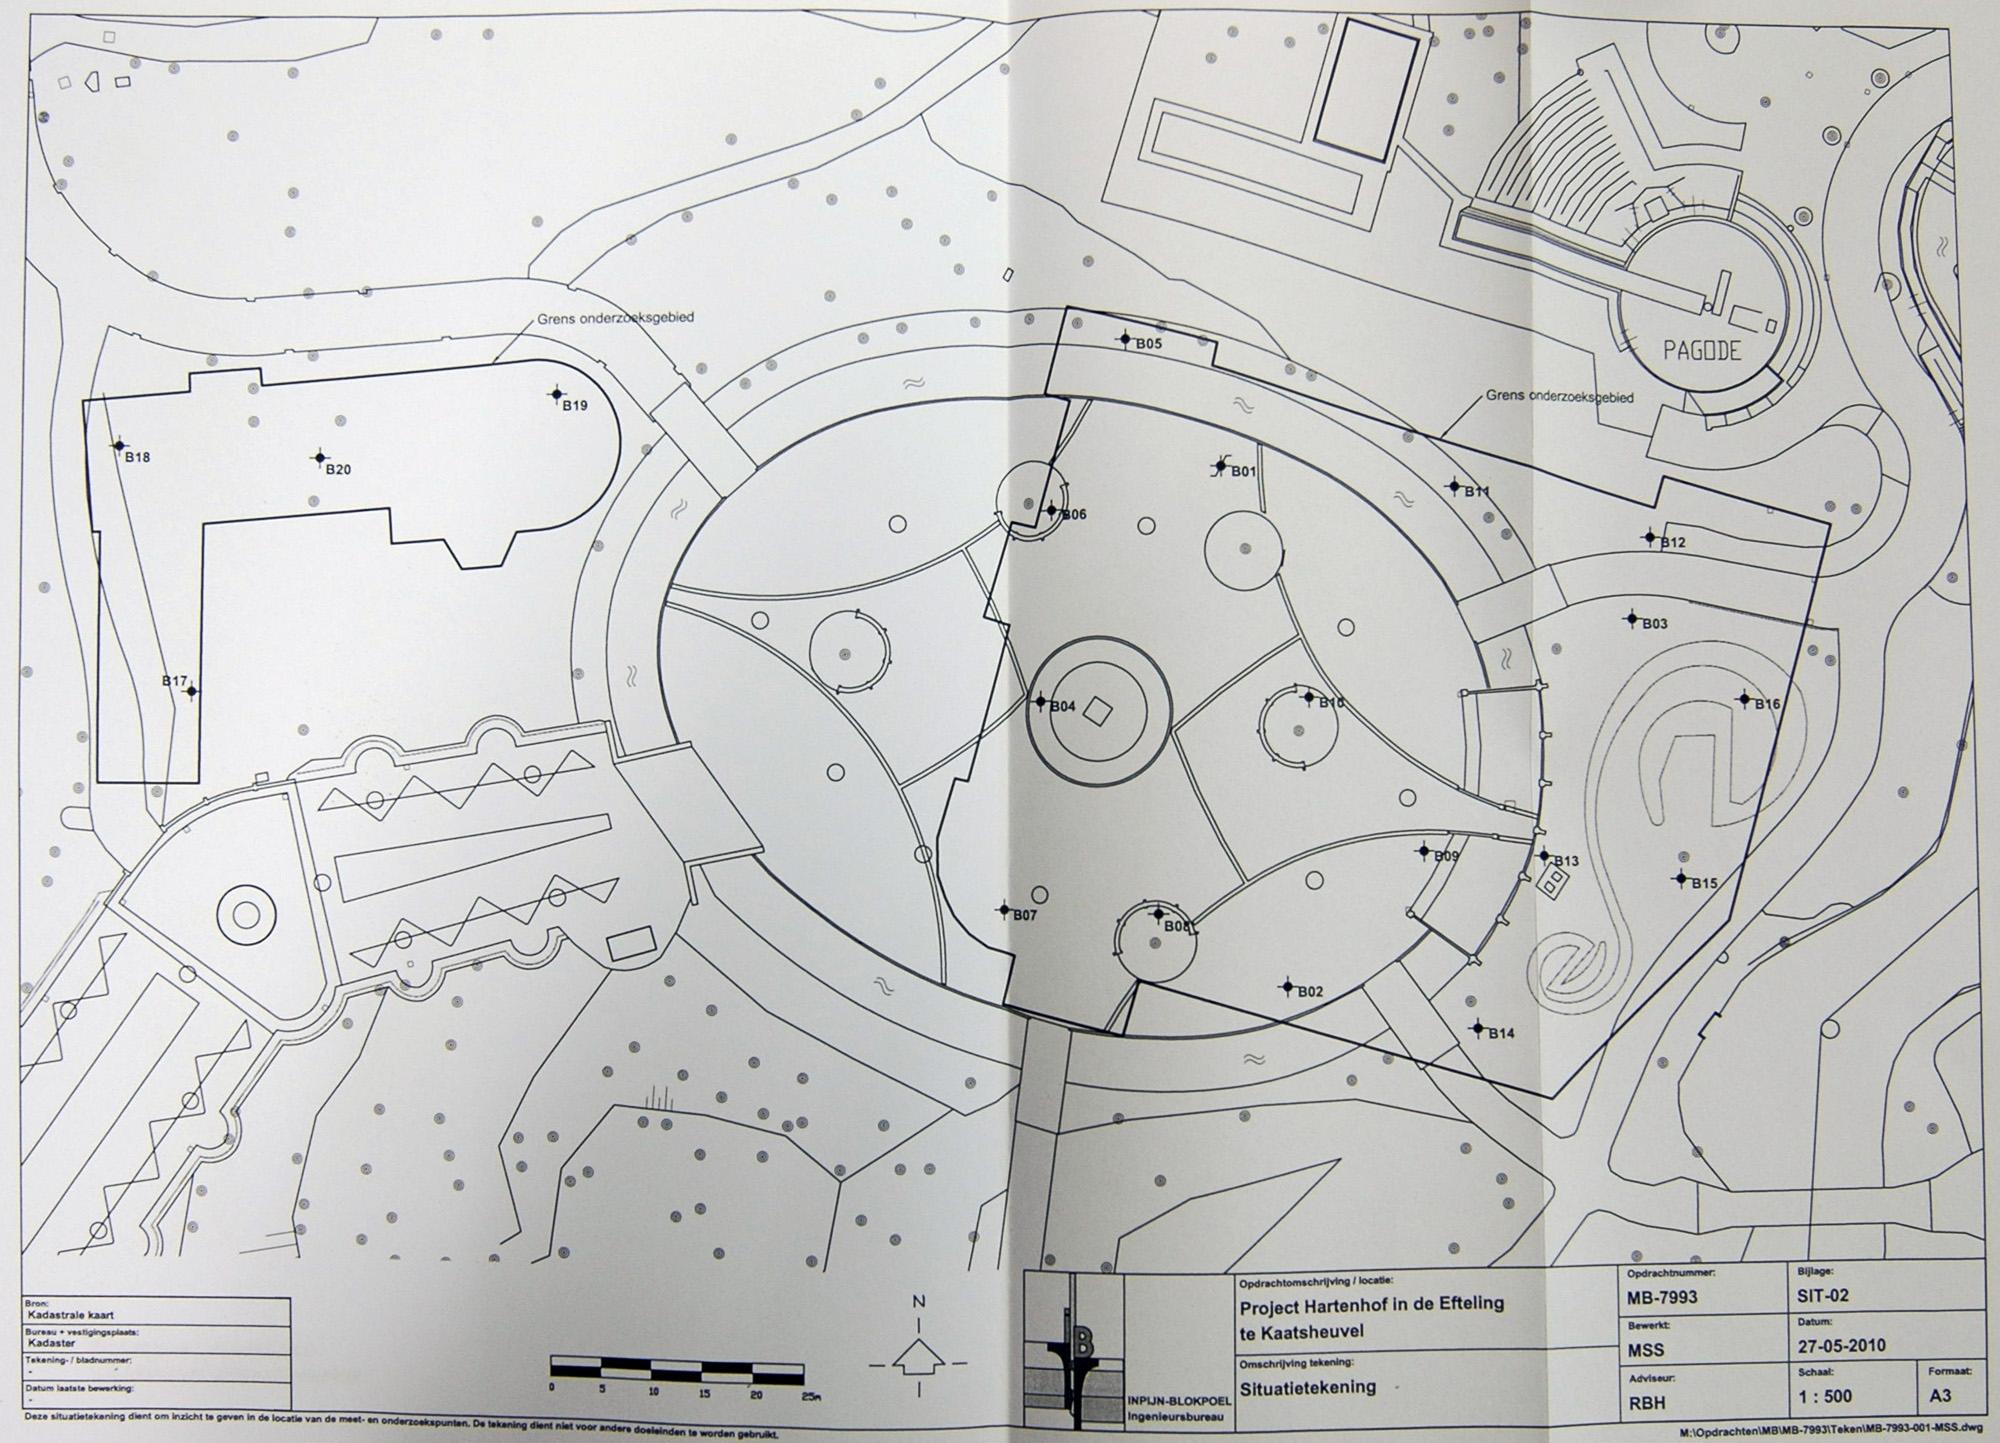 [Pays-Bas] Efteling (1952) - Page 5 Situatietekeningbrink